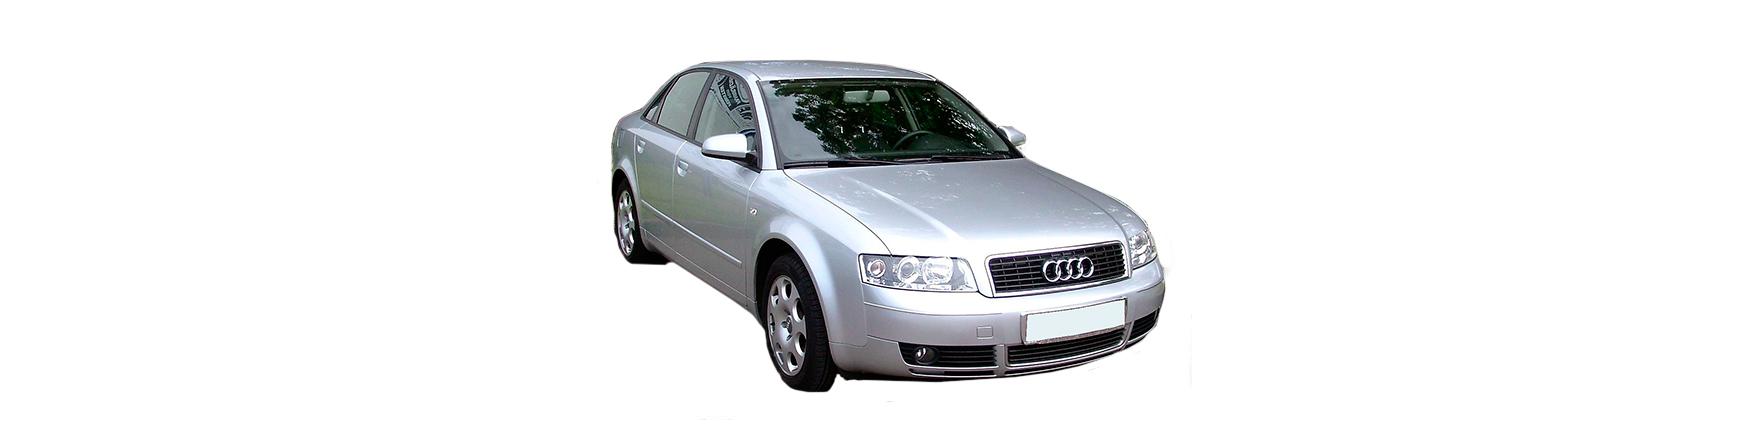 Audi A4 de 2000, 2001, 2002, 2003 y 2004 Recambios de coche económicos